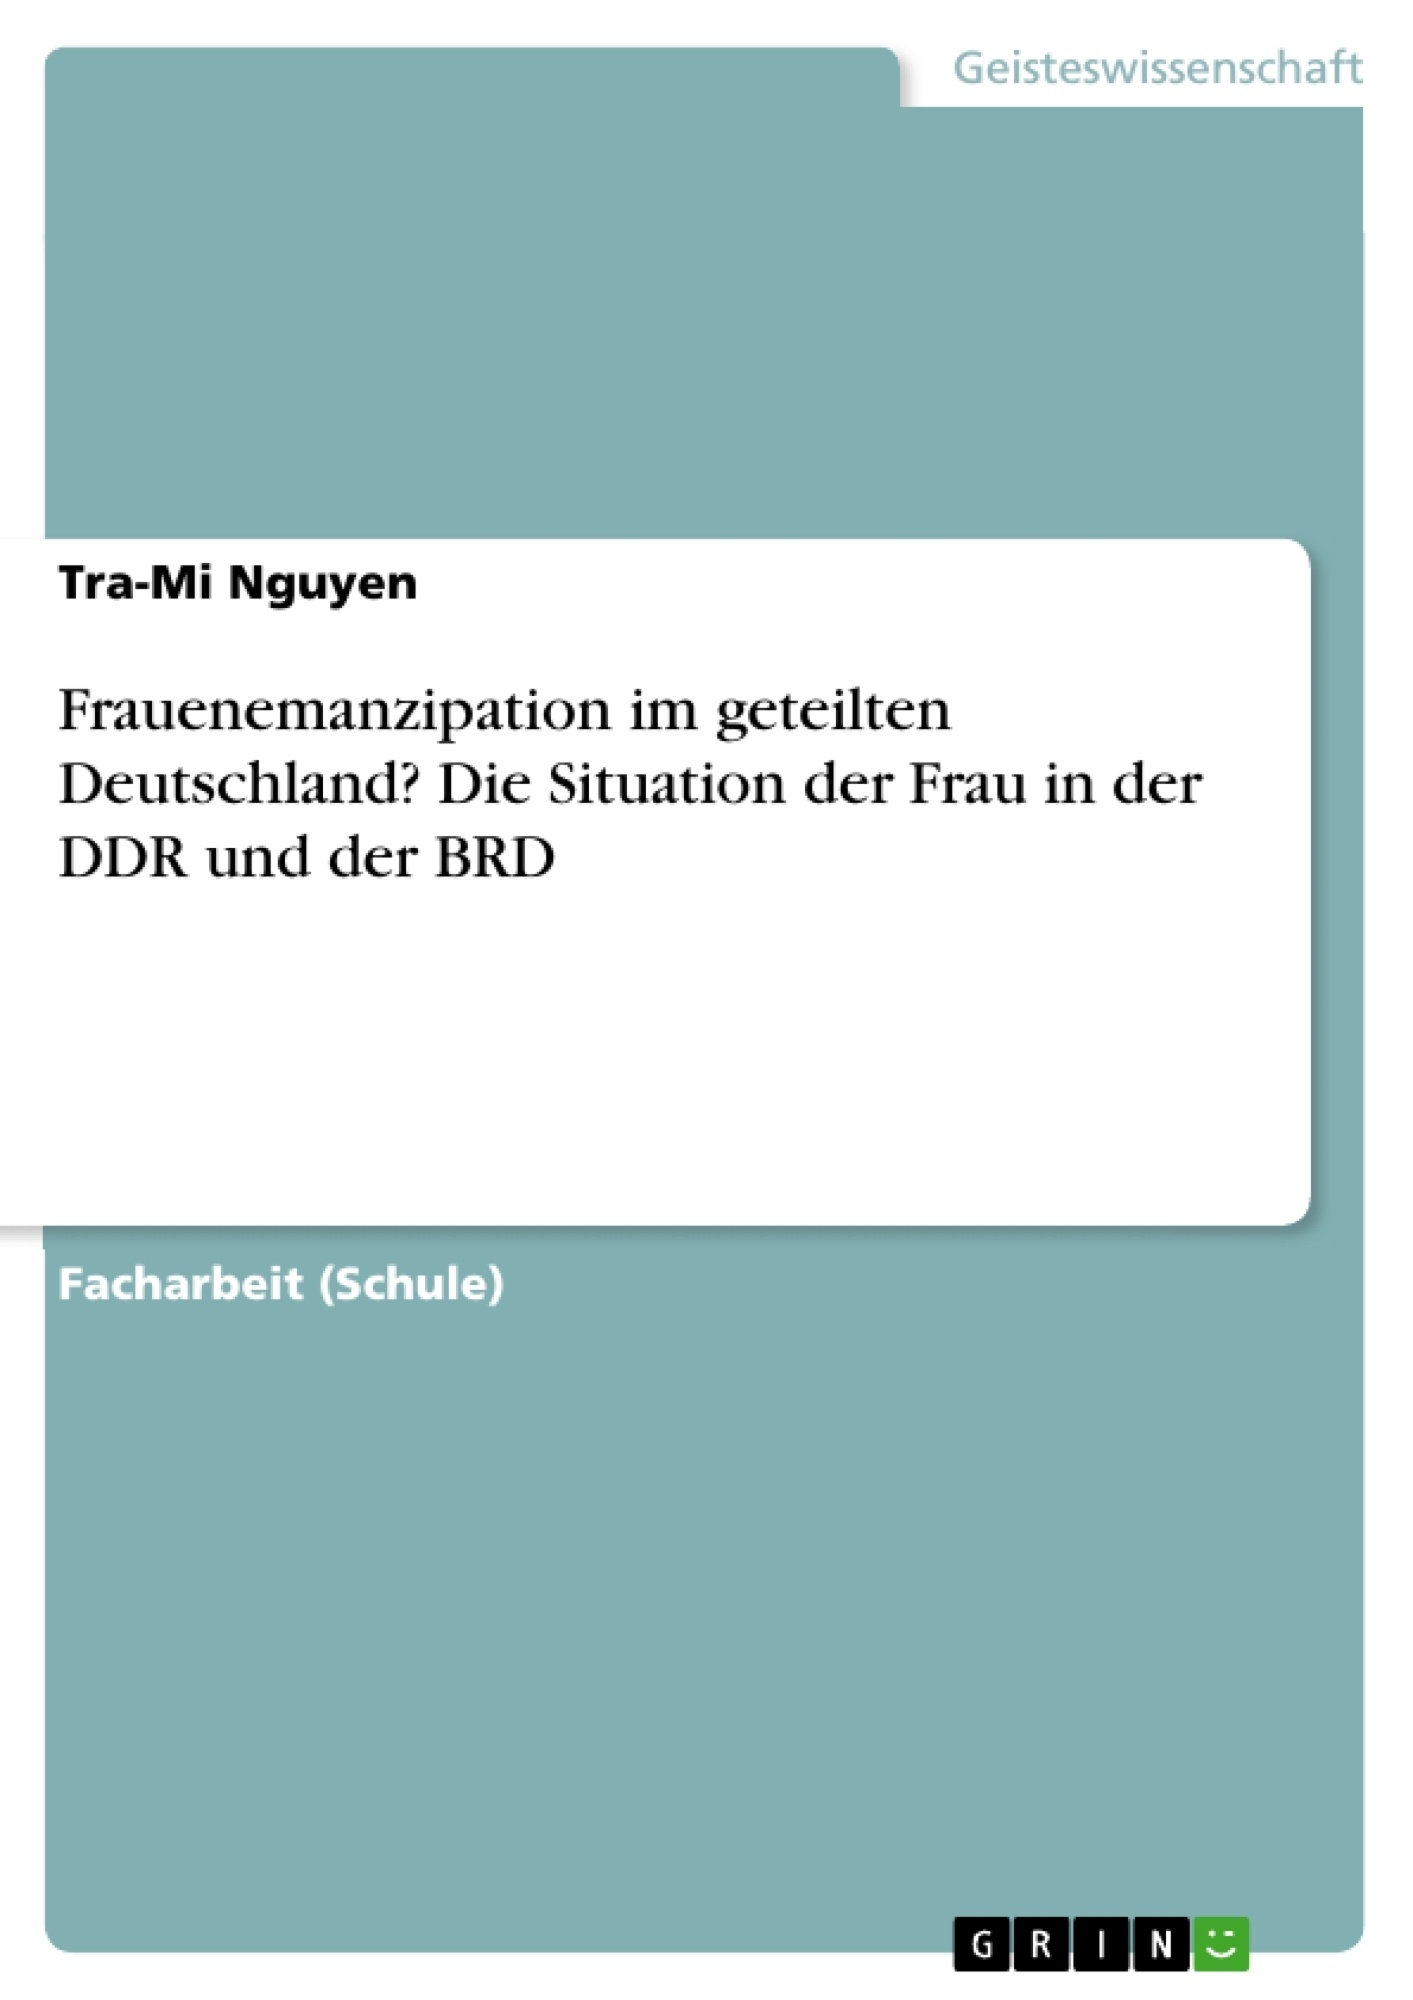 Titel: Frauenemanzipation im geteilten Deutschland? Die Situation der Frau in der DDR und der BRD